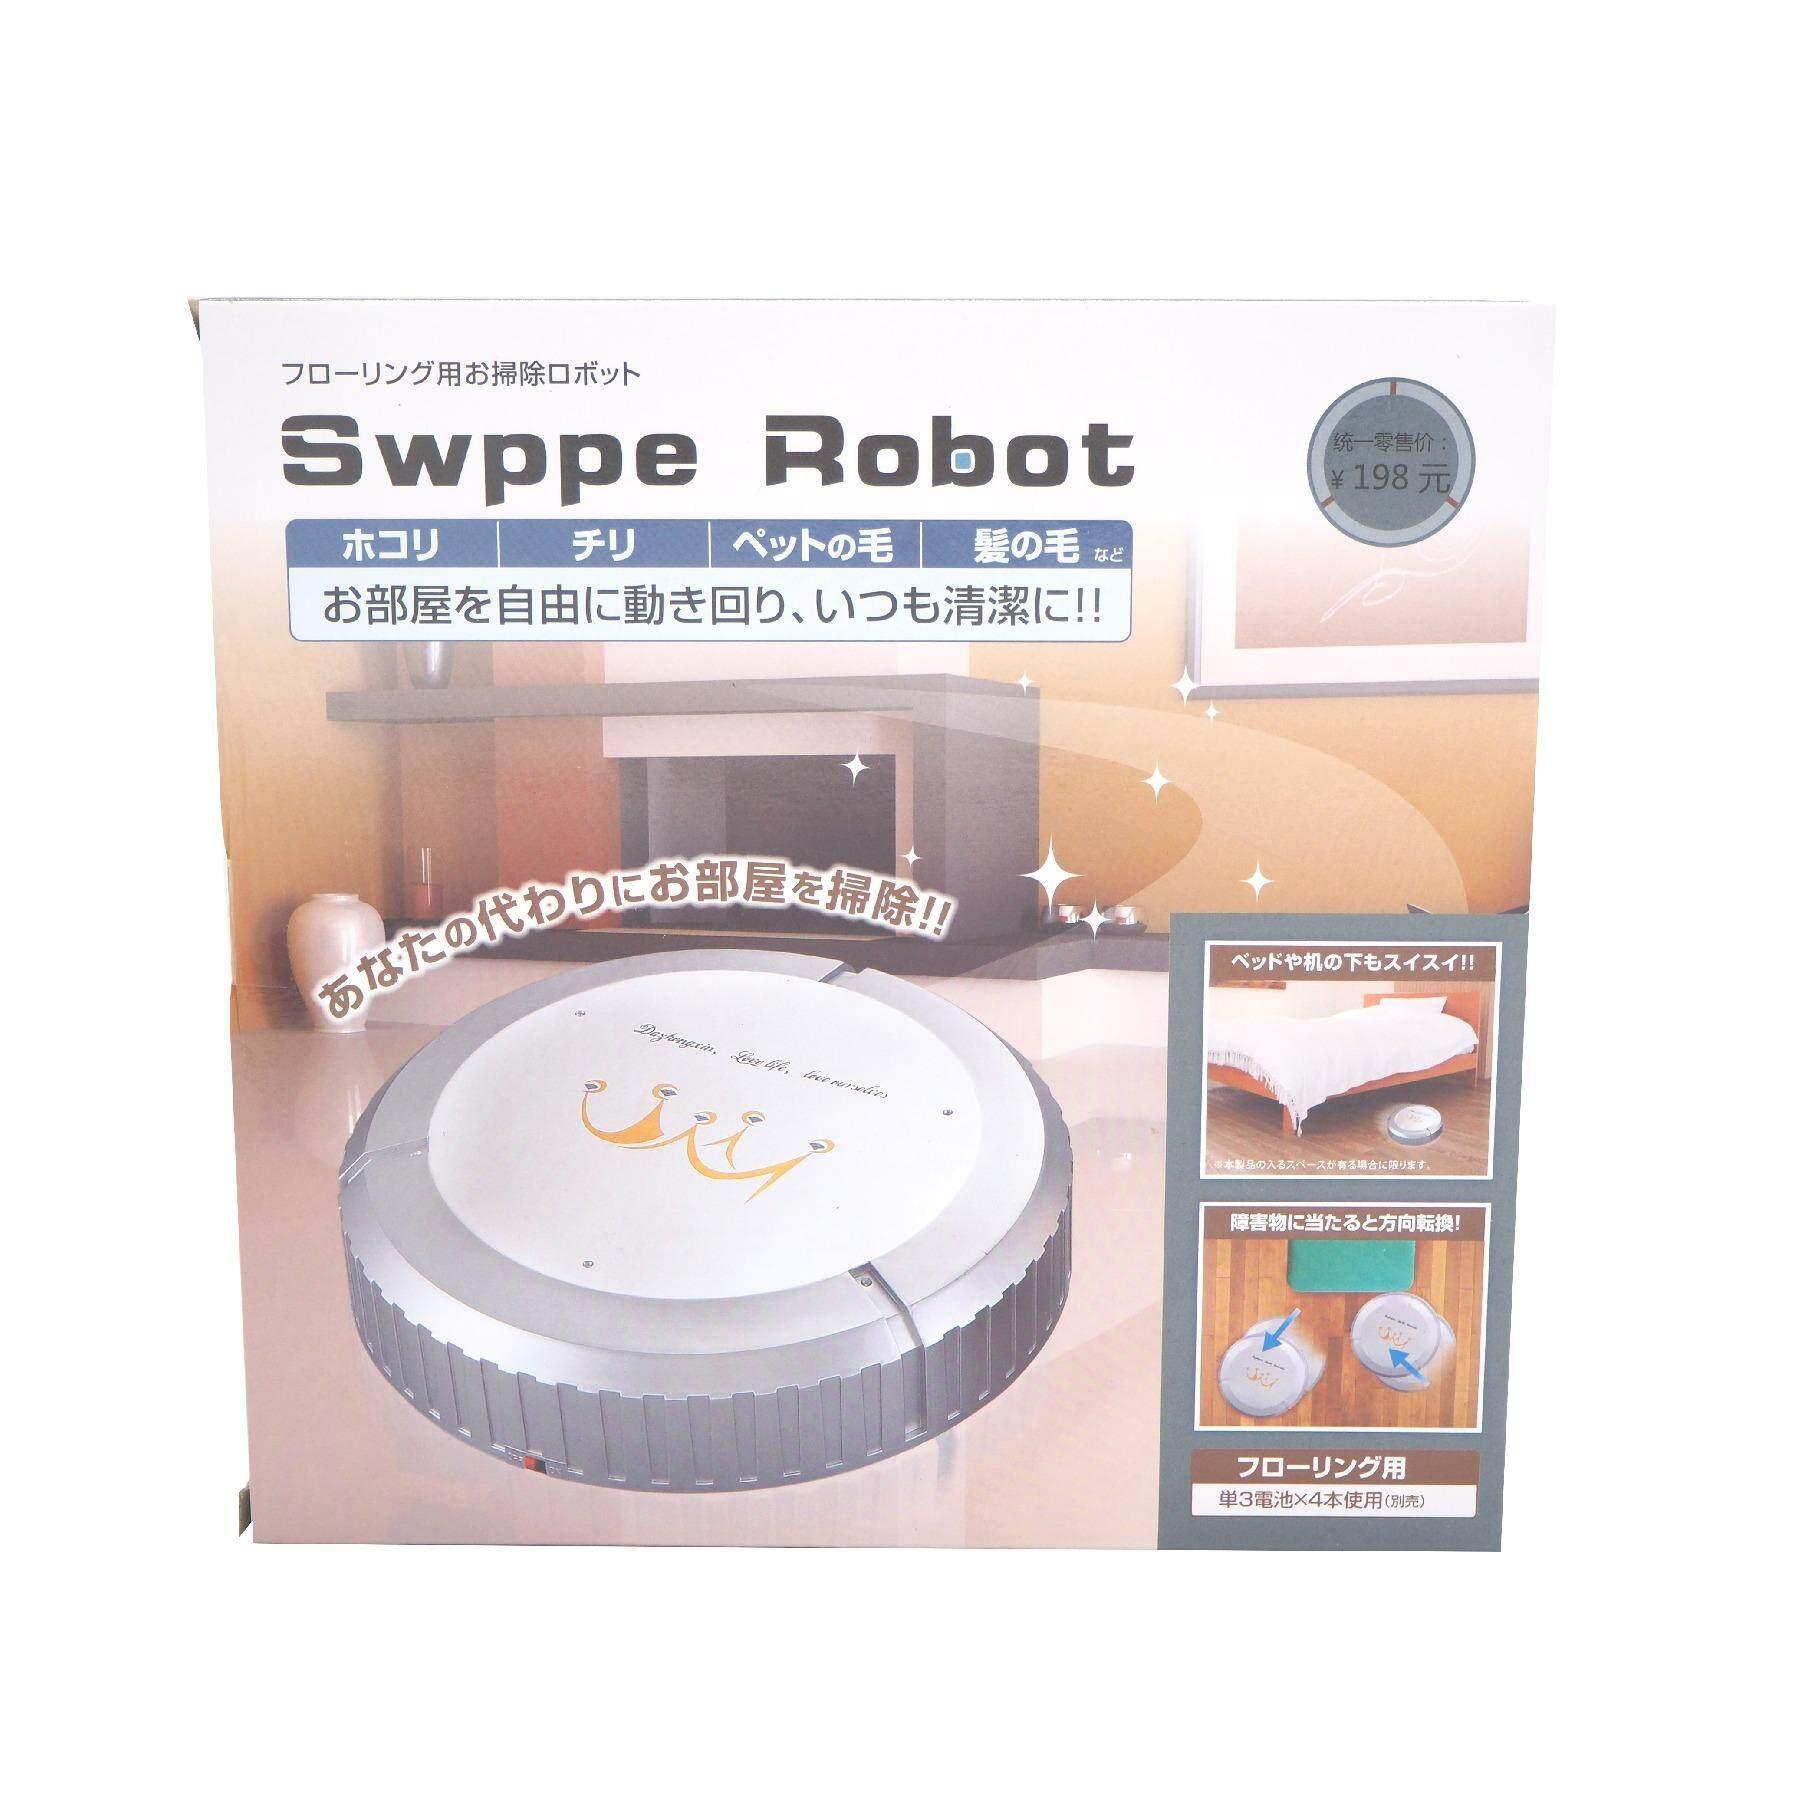 Swppe Robot หุ่นยนต์ดูดฝุ่น เครื่องดูดฝุ่นอัตโนมัติ ทำความสะอาดพื้น ขนหมา ขนแมว